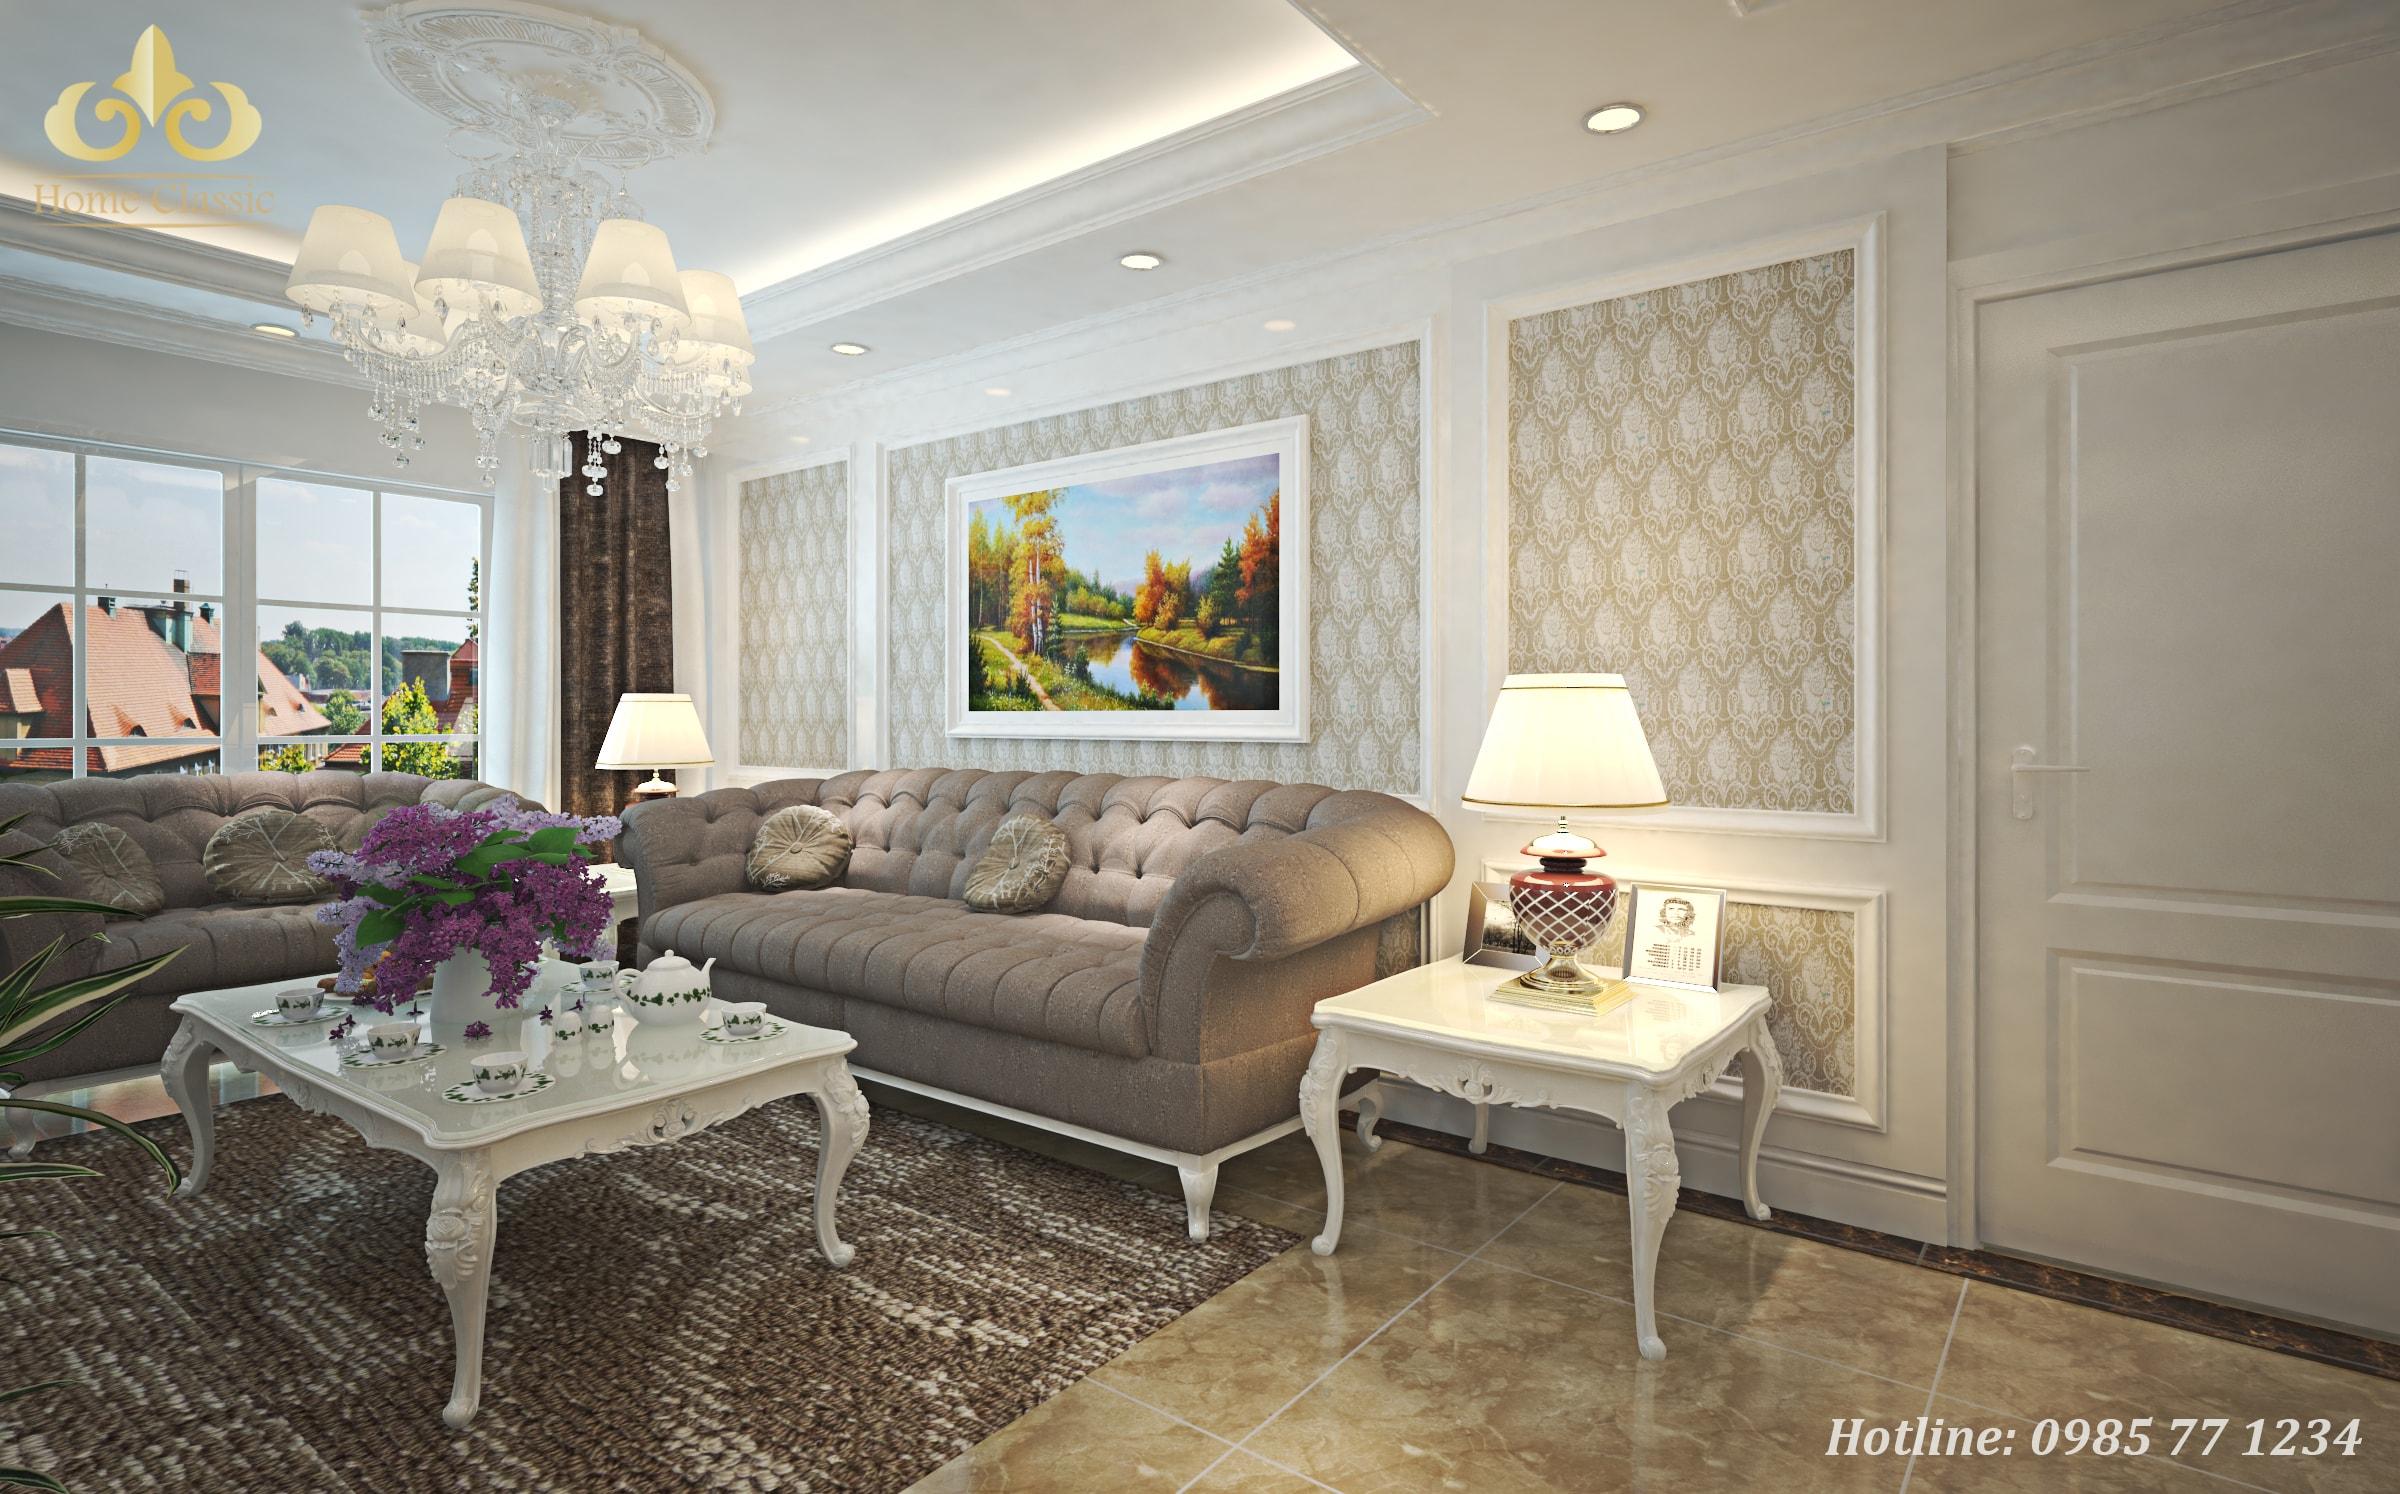 Thiết kế nội thất phòng khách tân cổ điển 2411